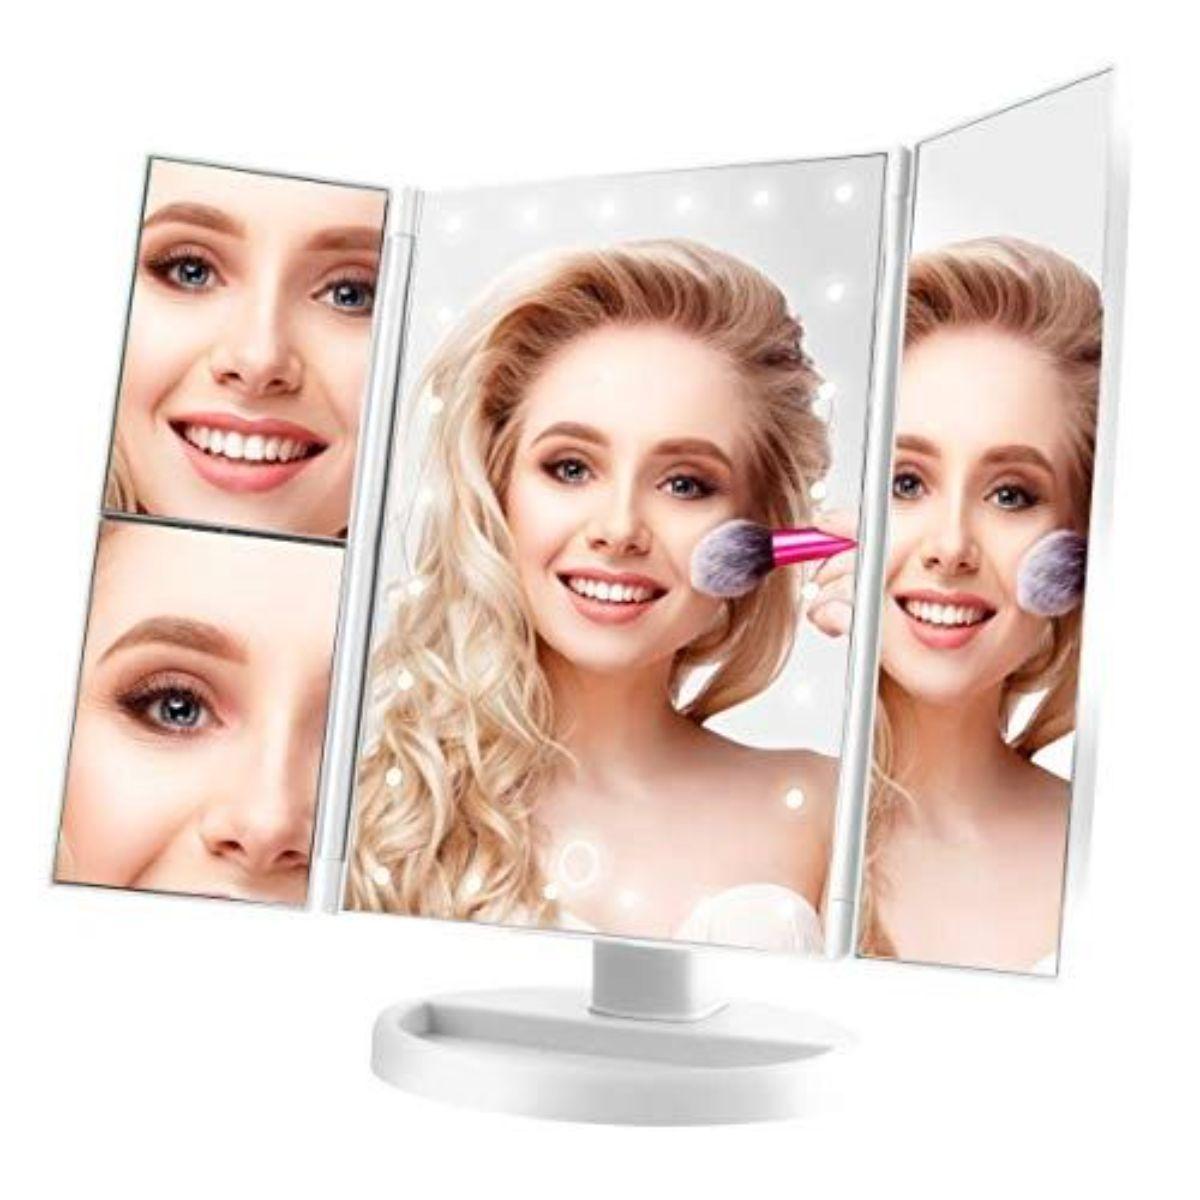 espejo de tocador inalambrico con luz led 2 1